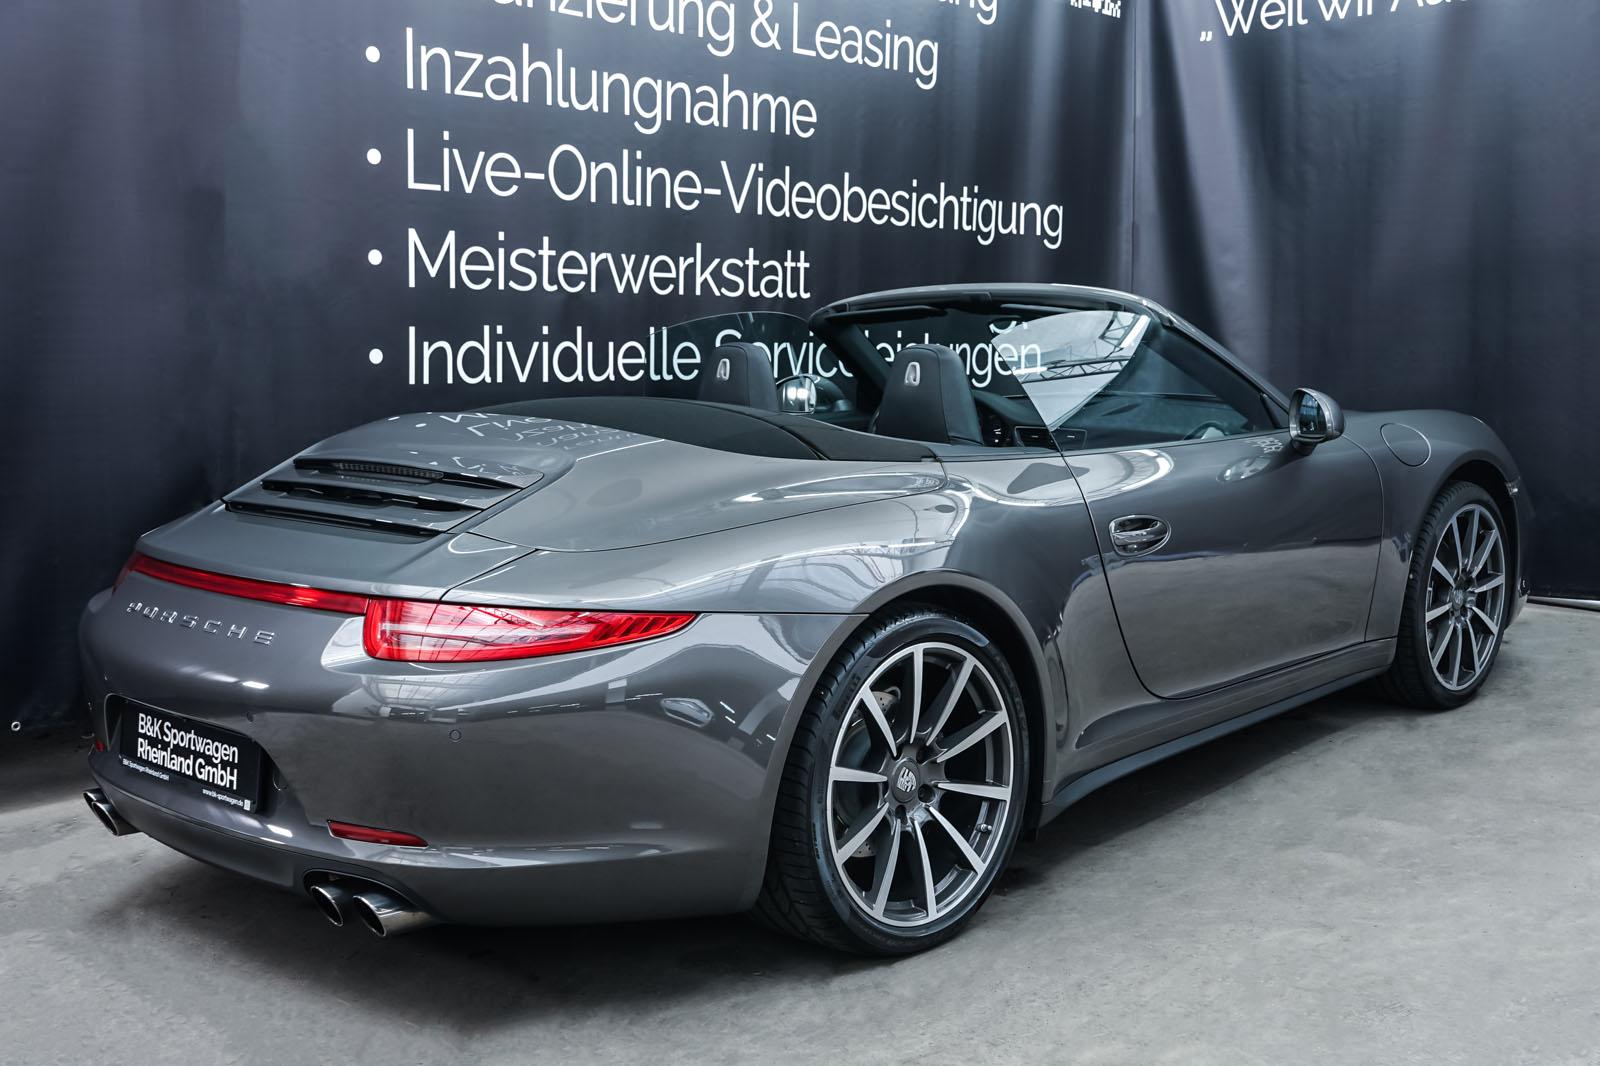 Porsche_991_C4_Cabrio_SilberBraun_Schwarz_POR-7106_19_w